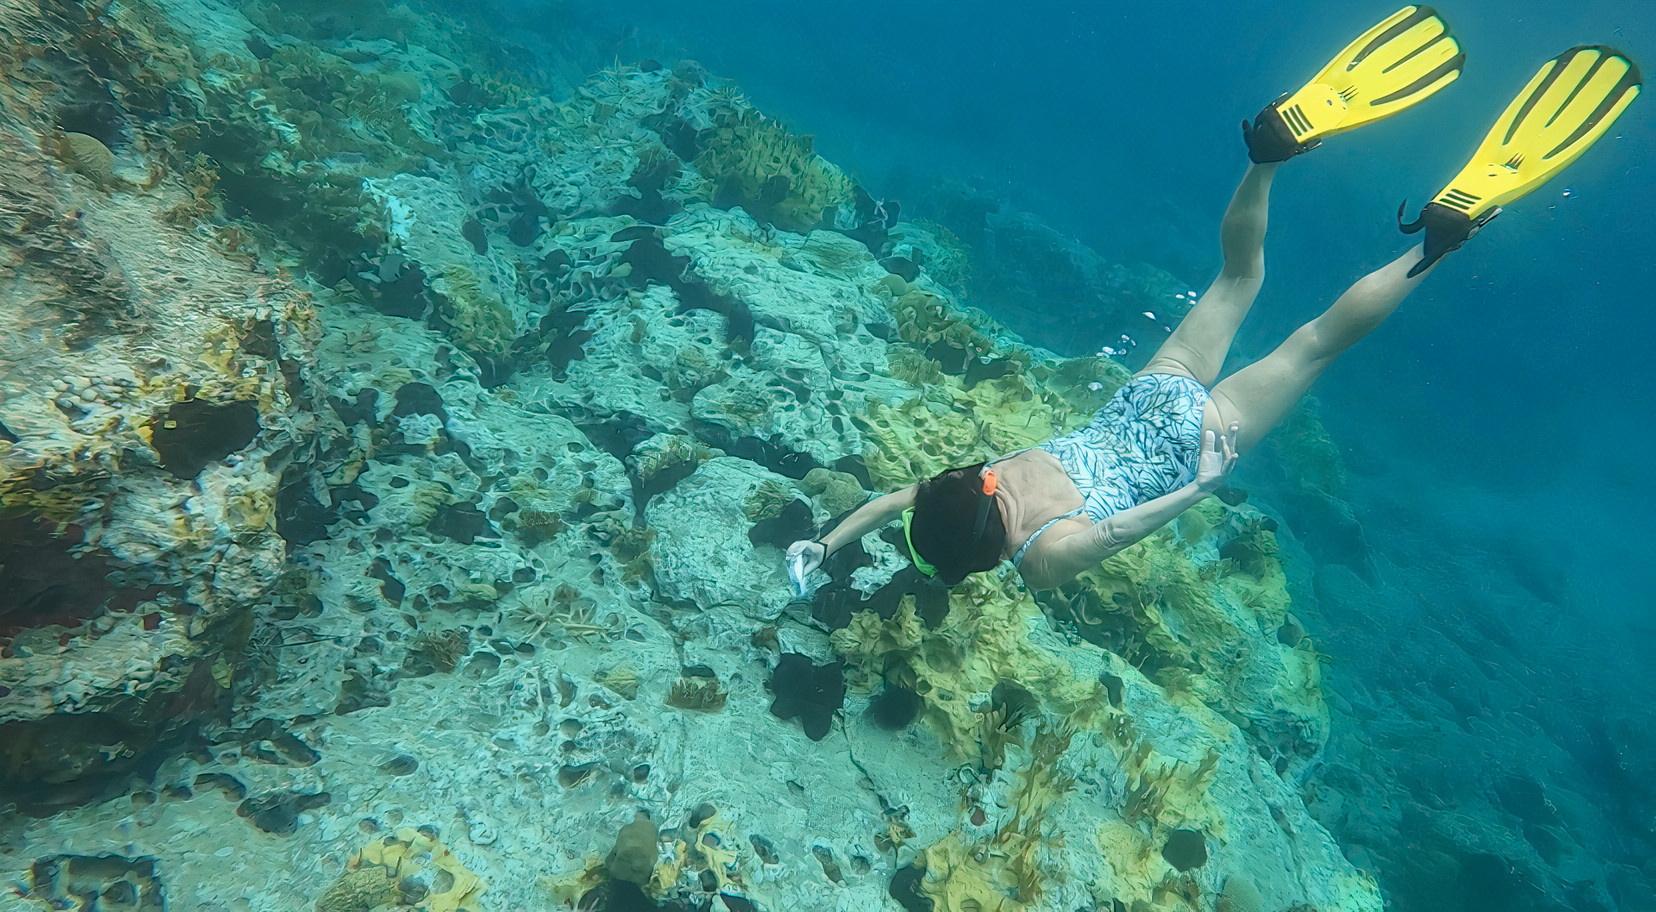 La científica marina Deborah Brosnan realiza una inmersión de investigación en un arrecife de coral, en este folleto sin fecha en Antigua y Barbuda, 2020. Cortesía de Deborah Brosnan & Associates / Folleto a través de REUTERS